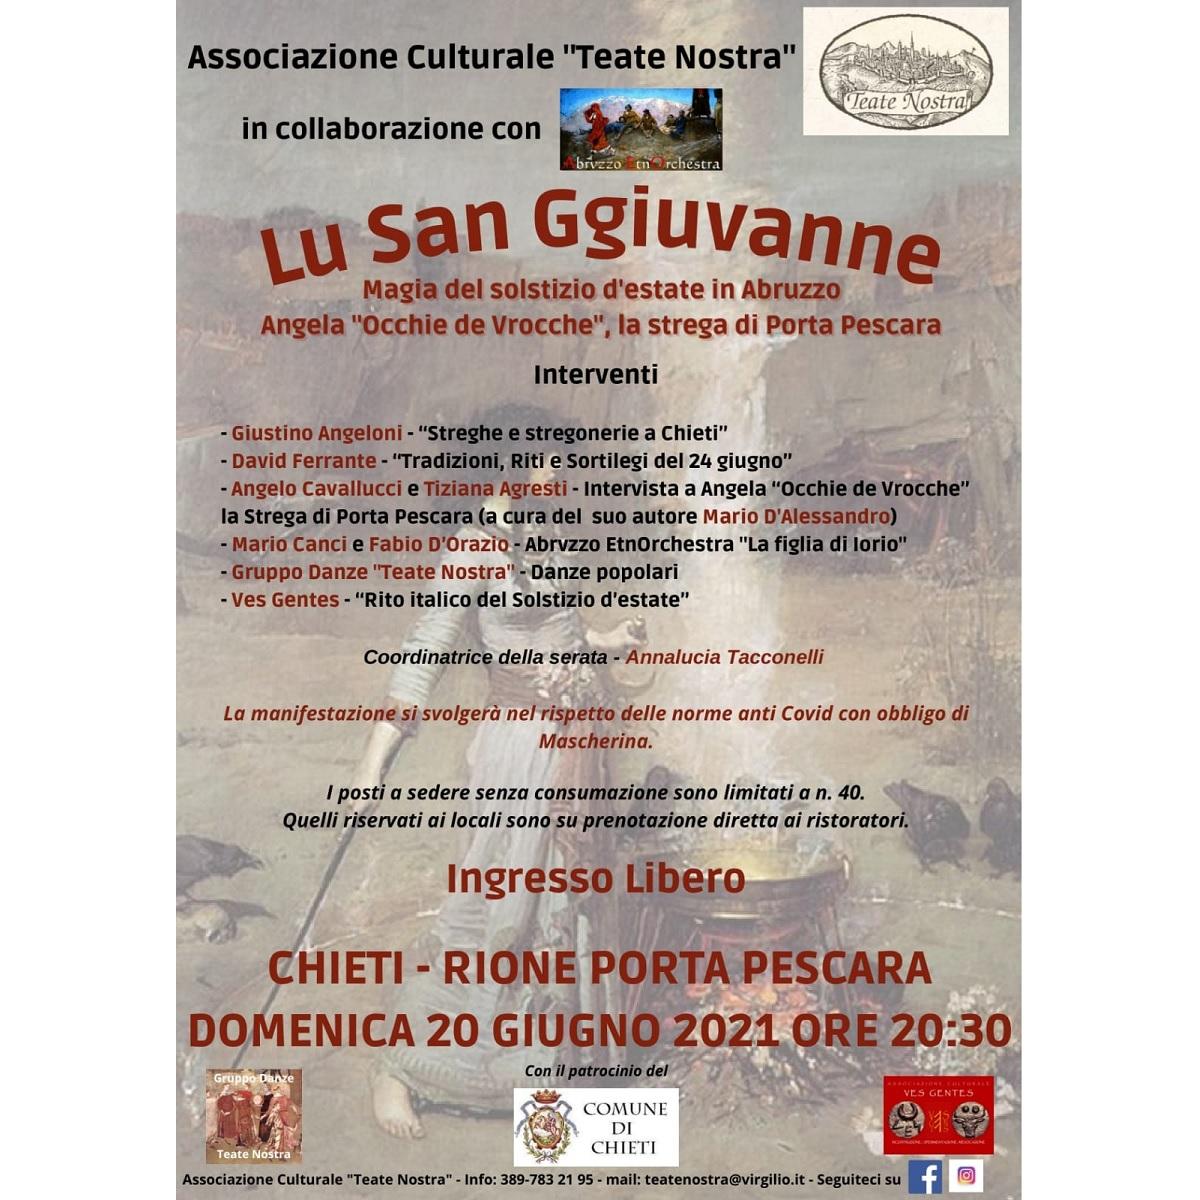 Lu San Ggiuvanne - Magia del Solstizio d'estate in Abruzzo foto